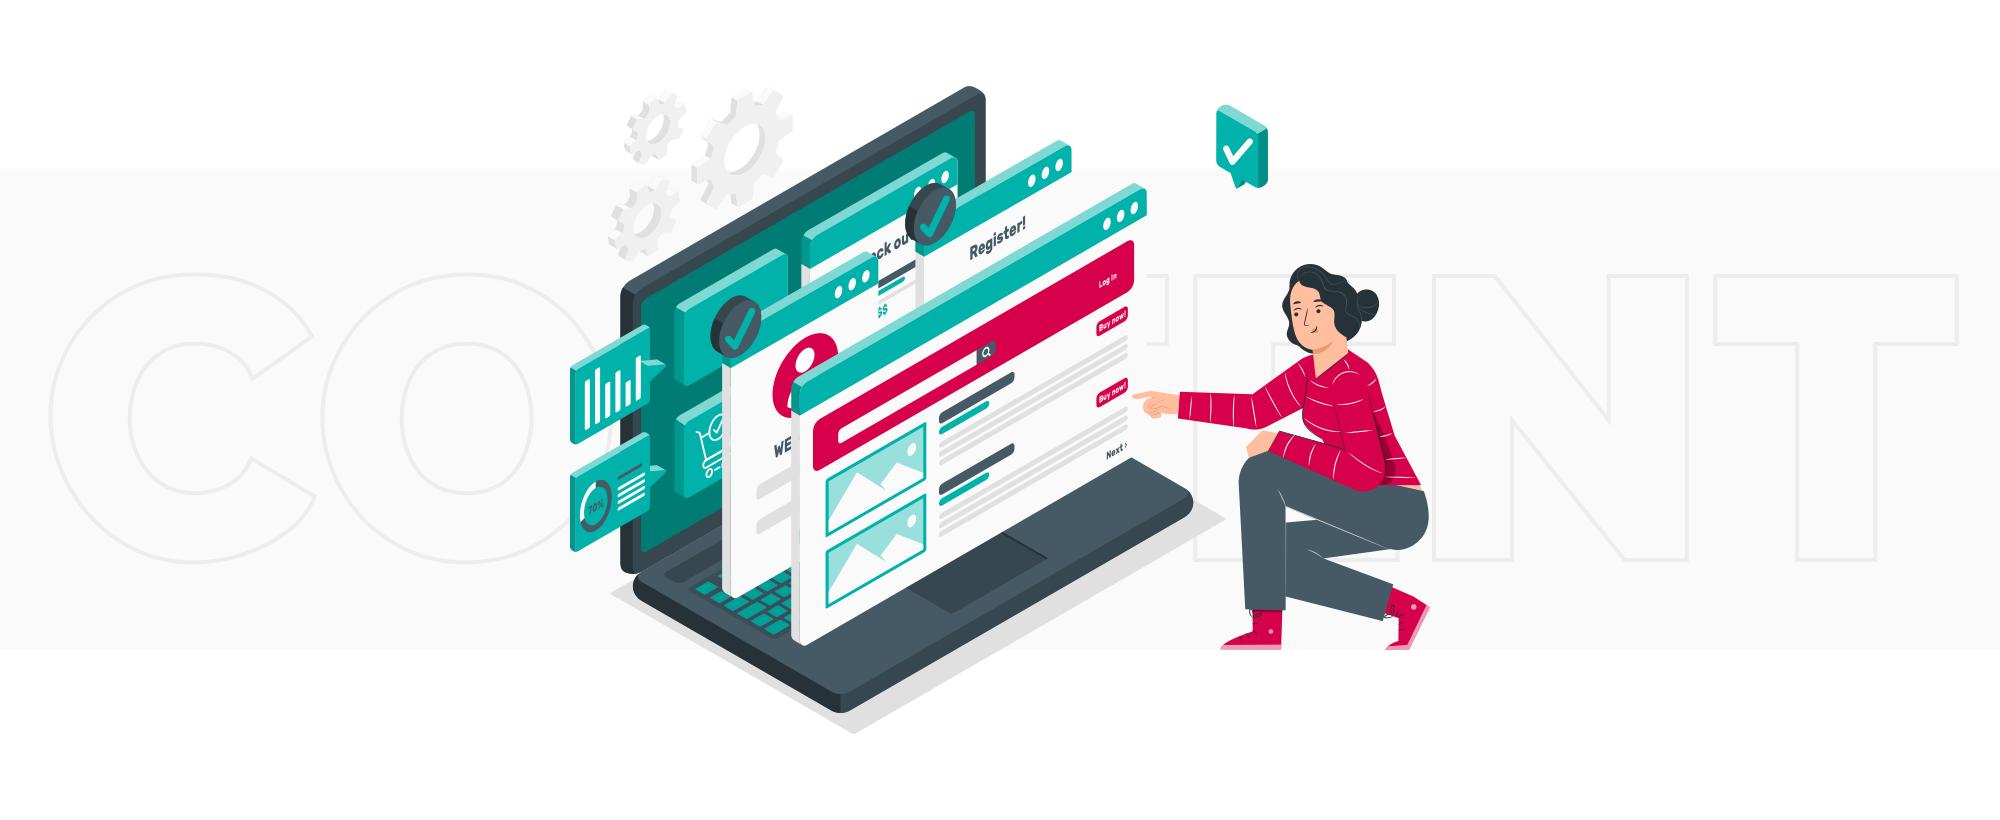 focus on content in UI/UX